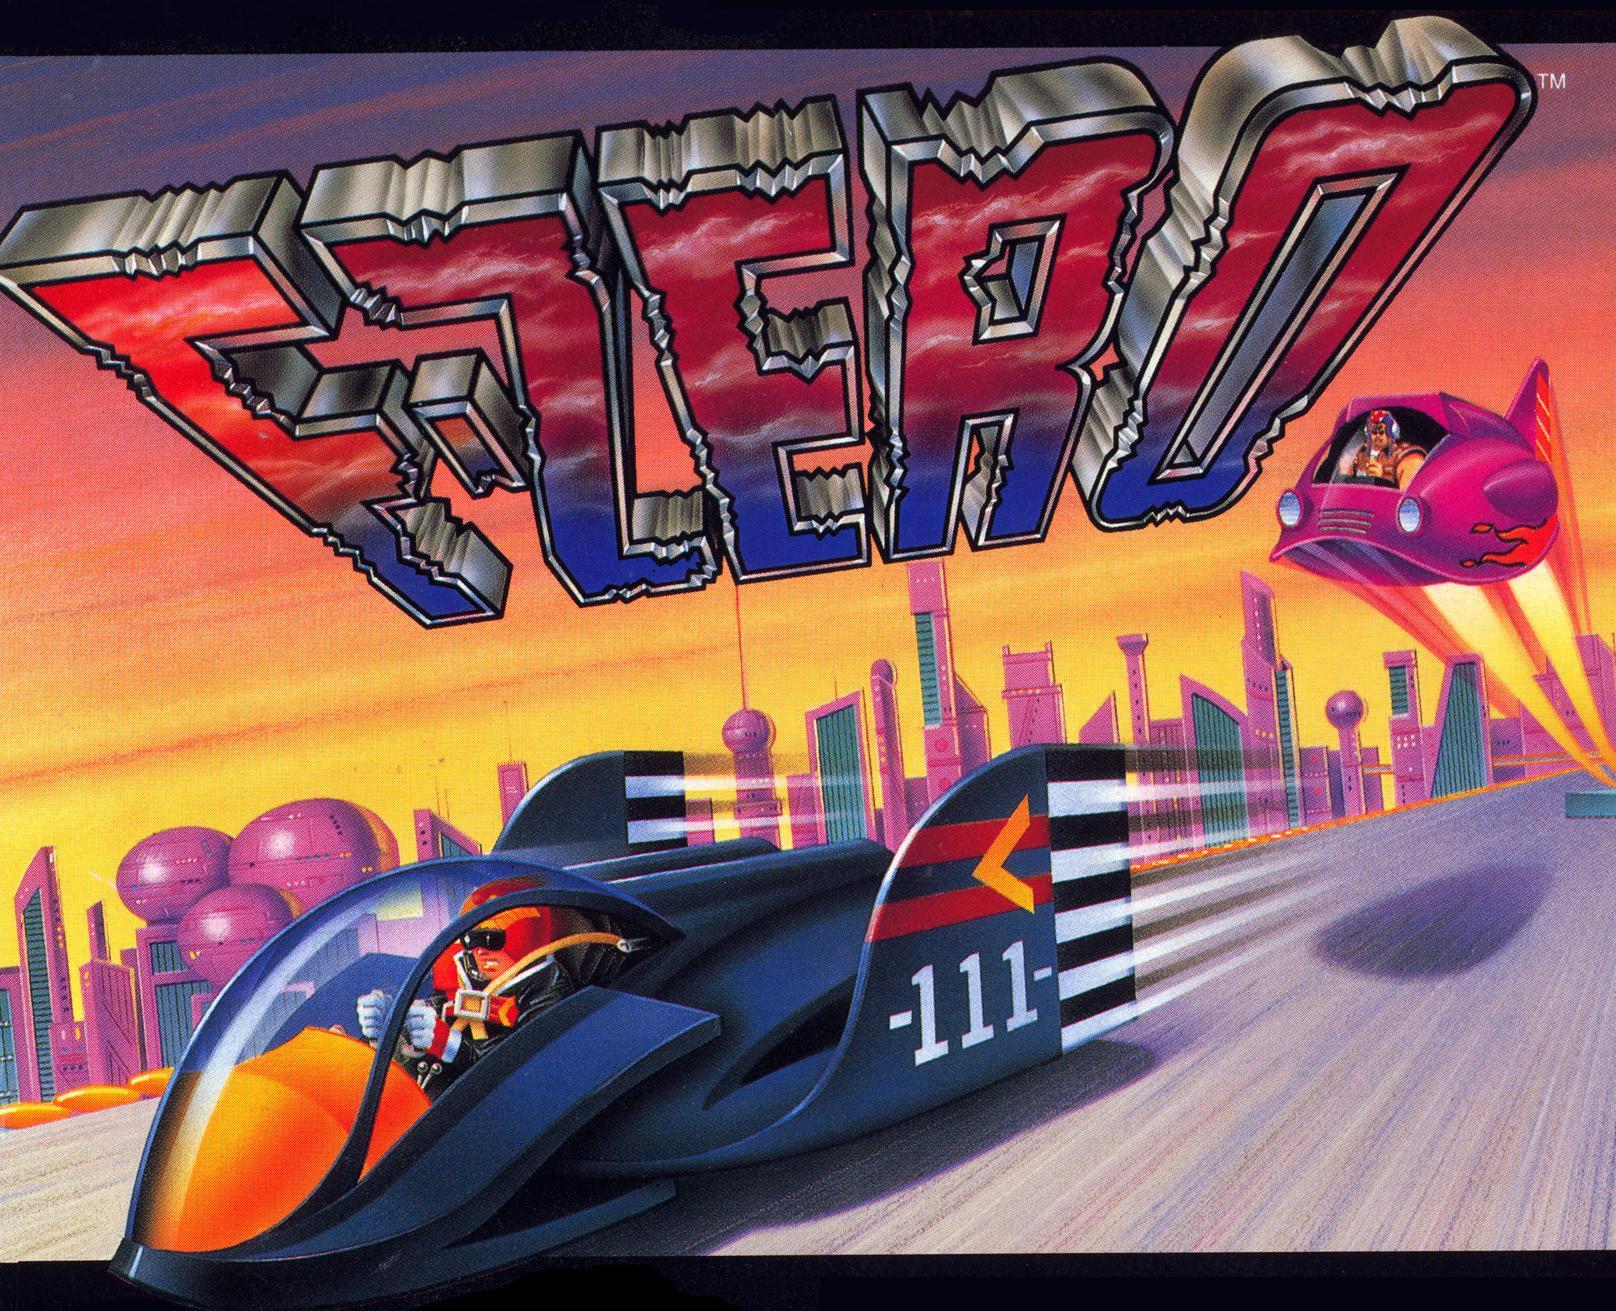 Diretor Isshin Shimizu conta como Batman, Nintendo of America e o jogo Famicom Grand Prix o inspirou na criação de F-Zero